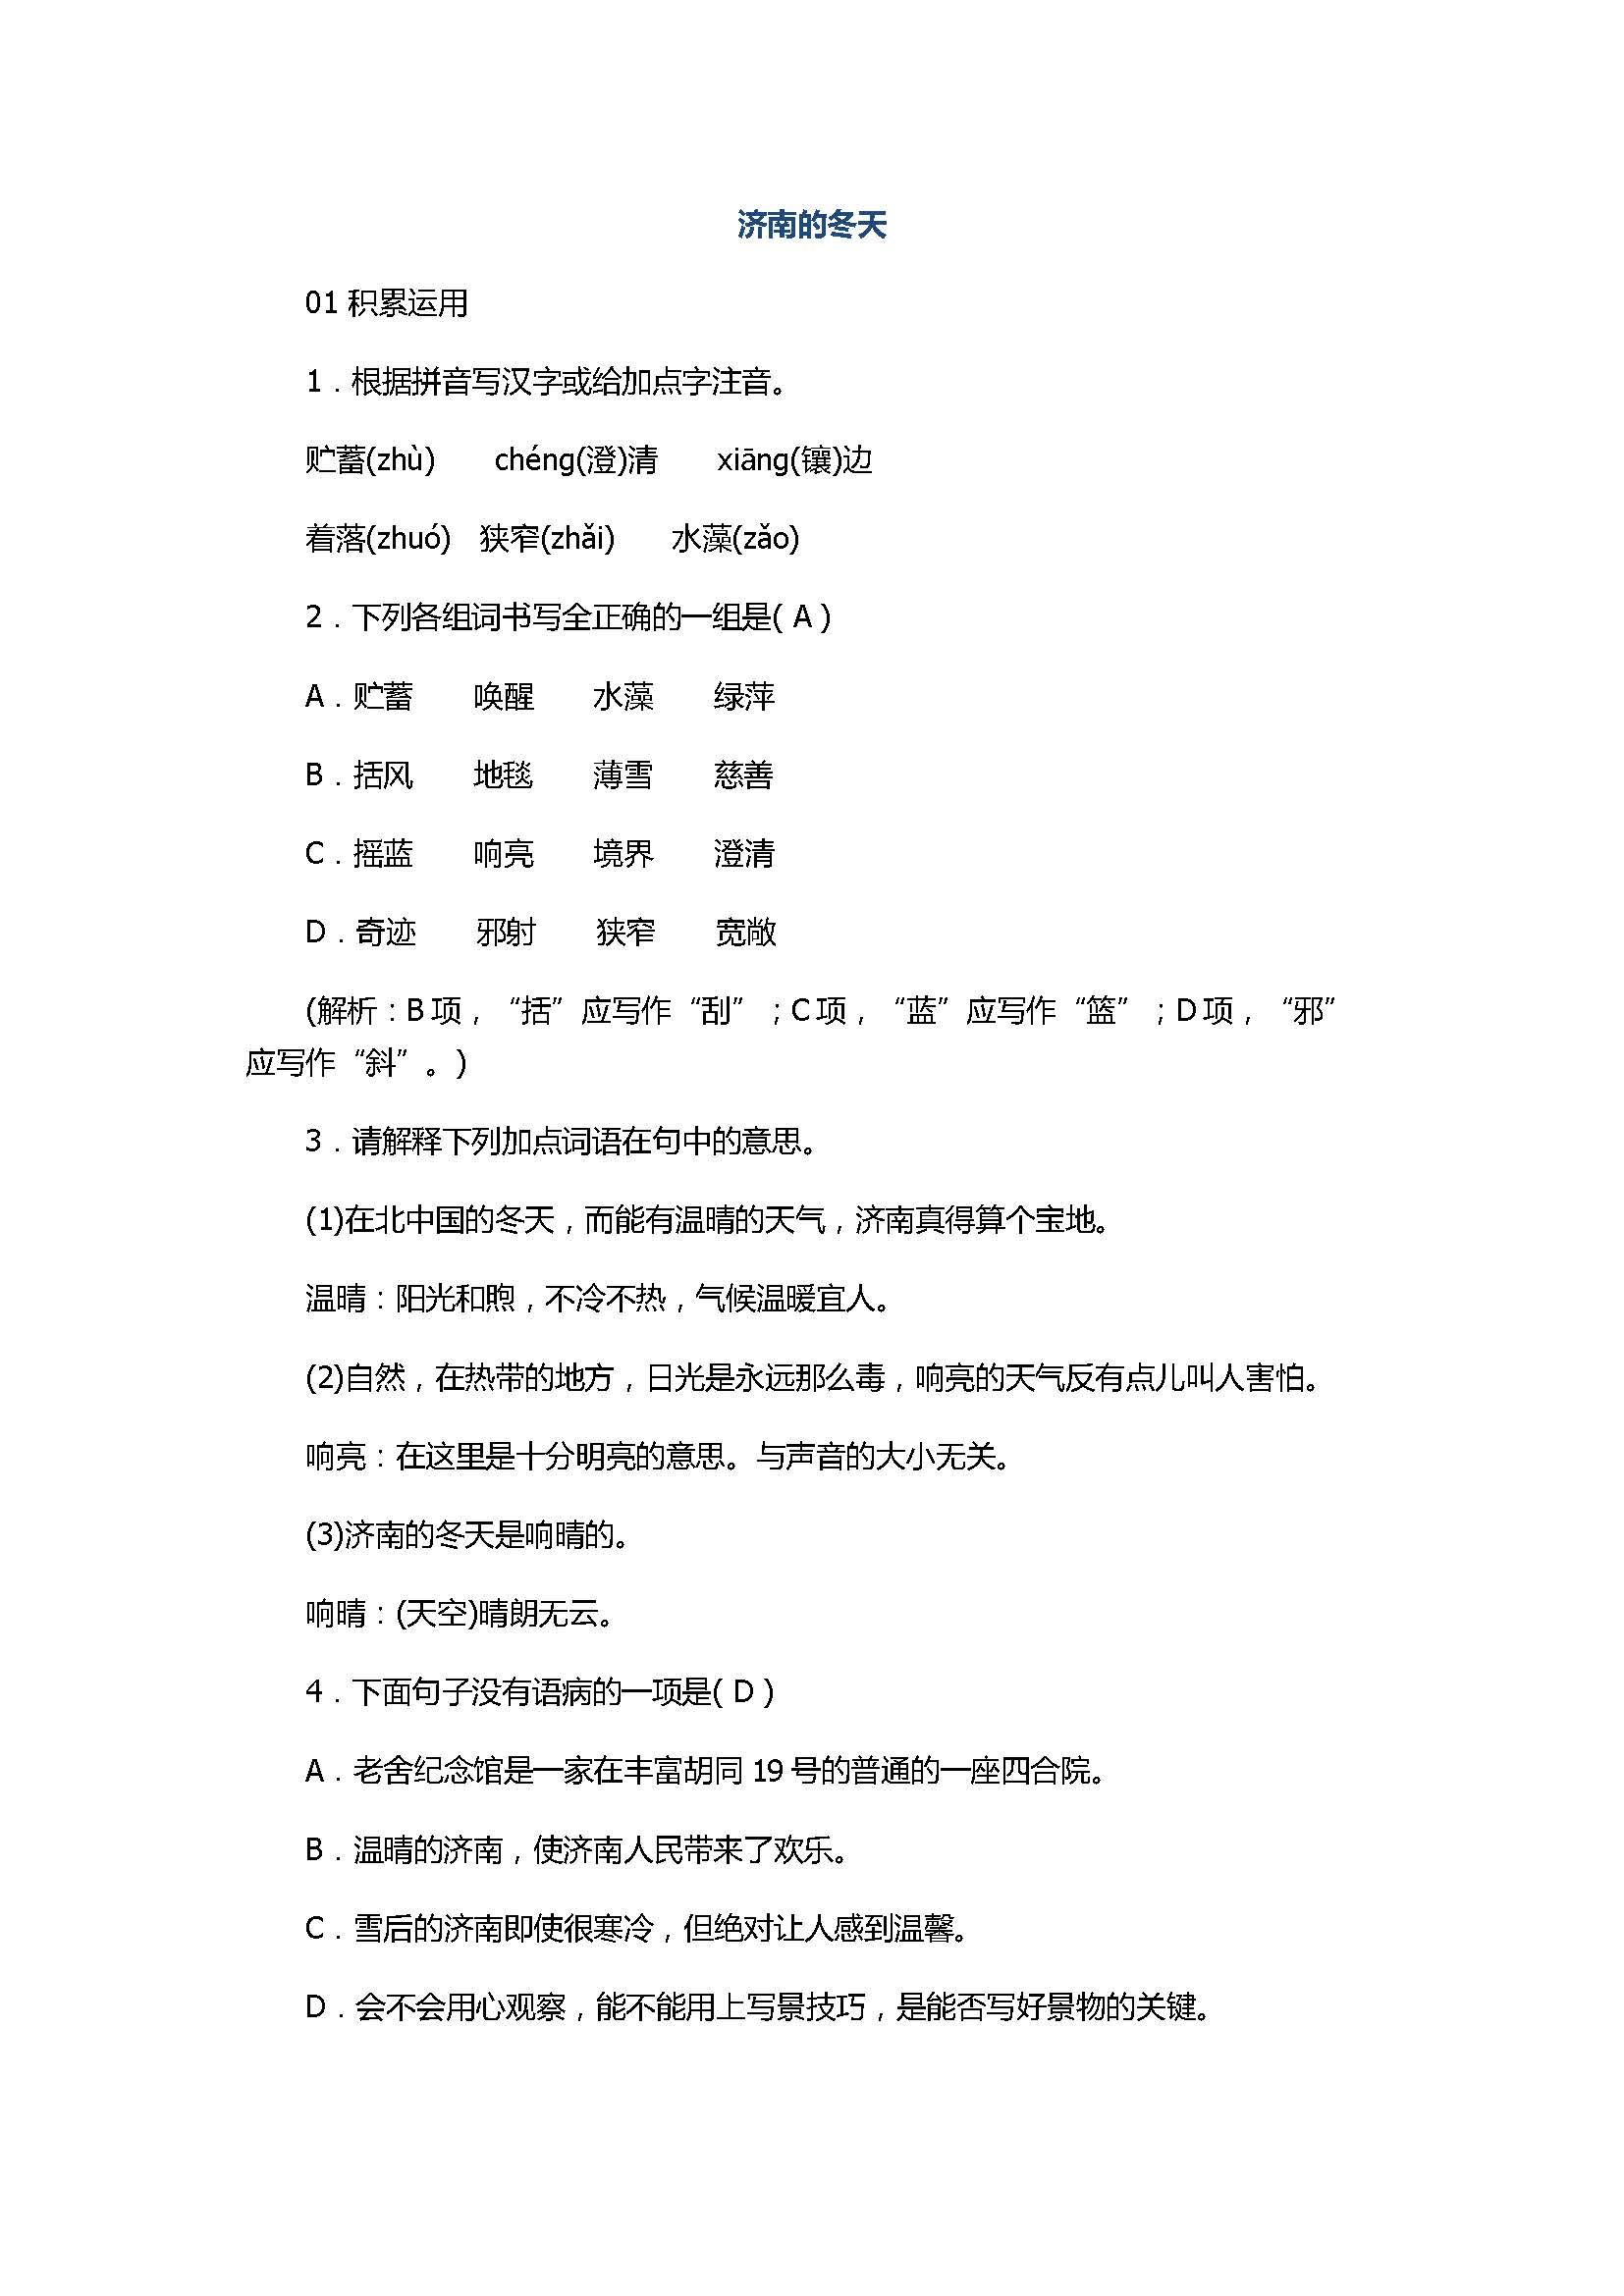 2017七年级语文上册《济南的冬天》精编练习题含答案(部编版)